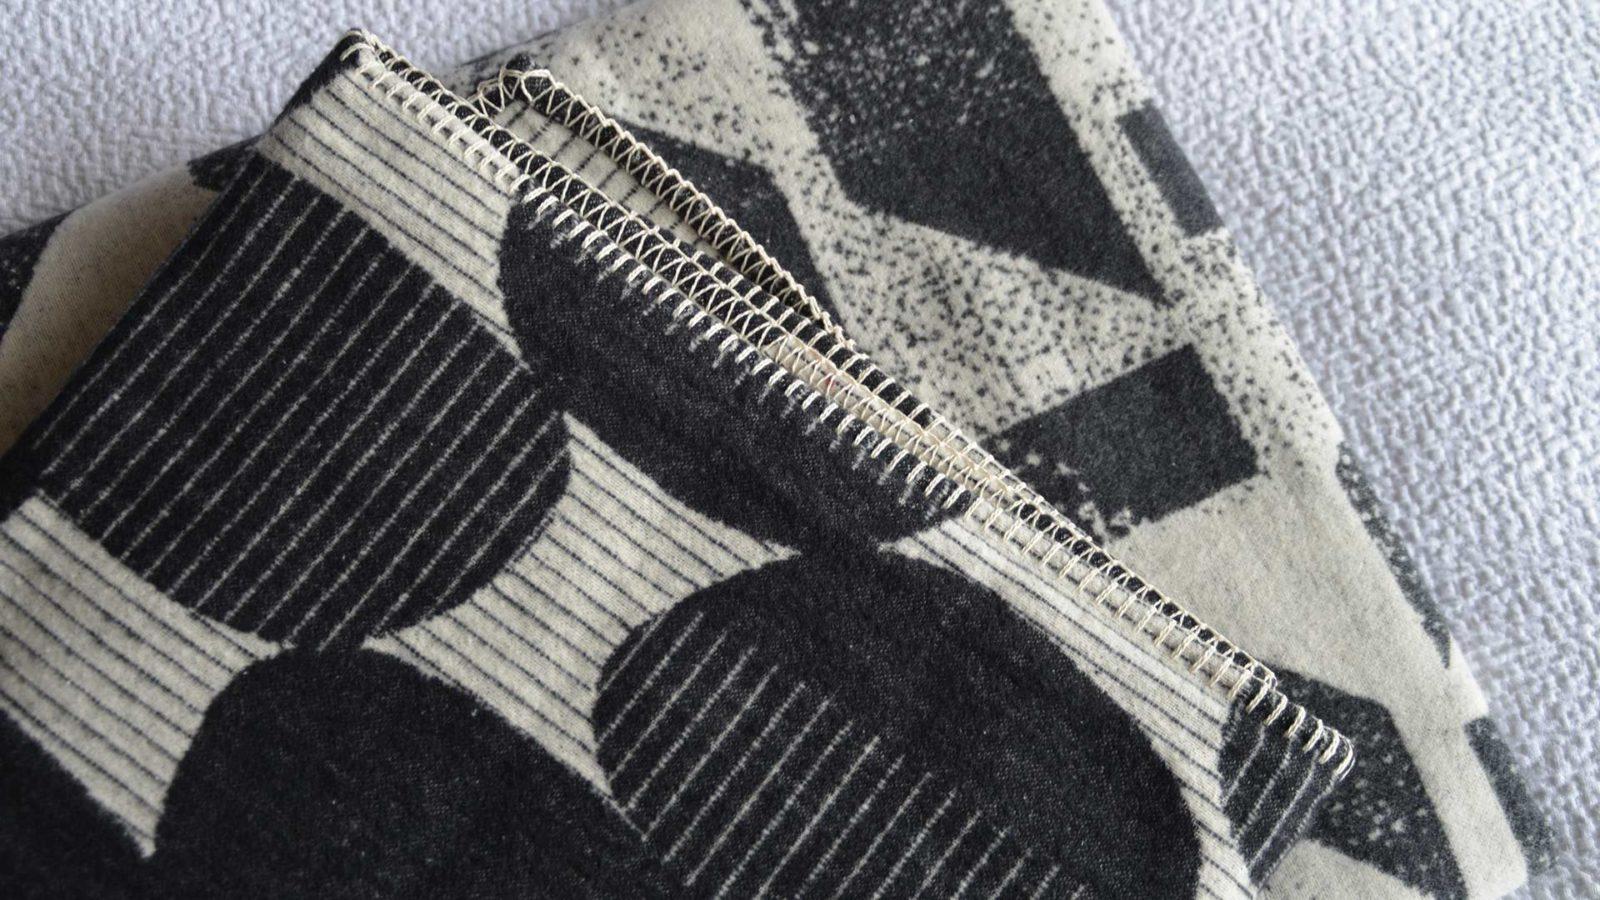 bauhaus design brushed cotton throw